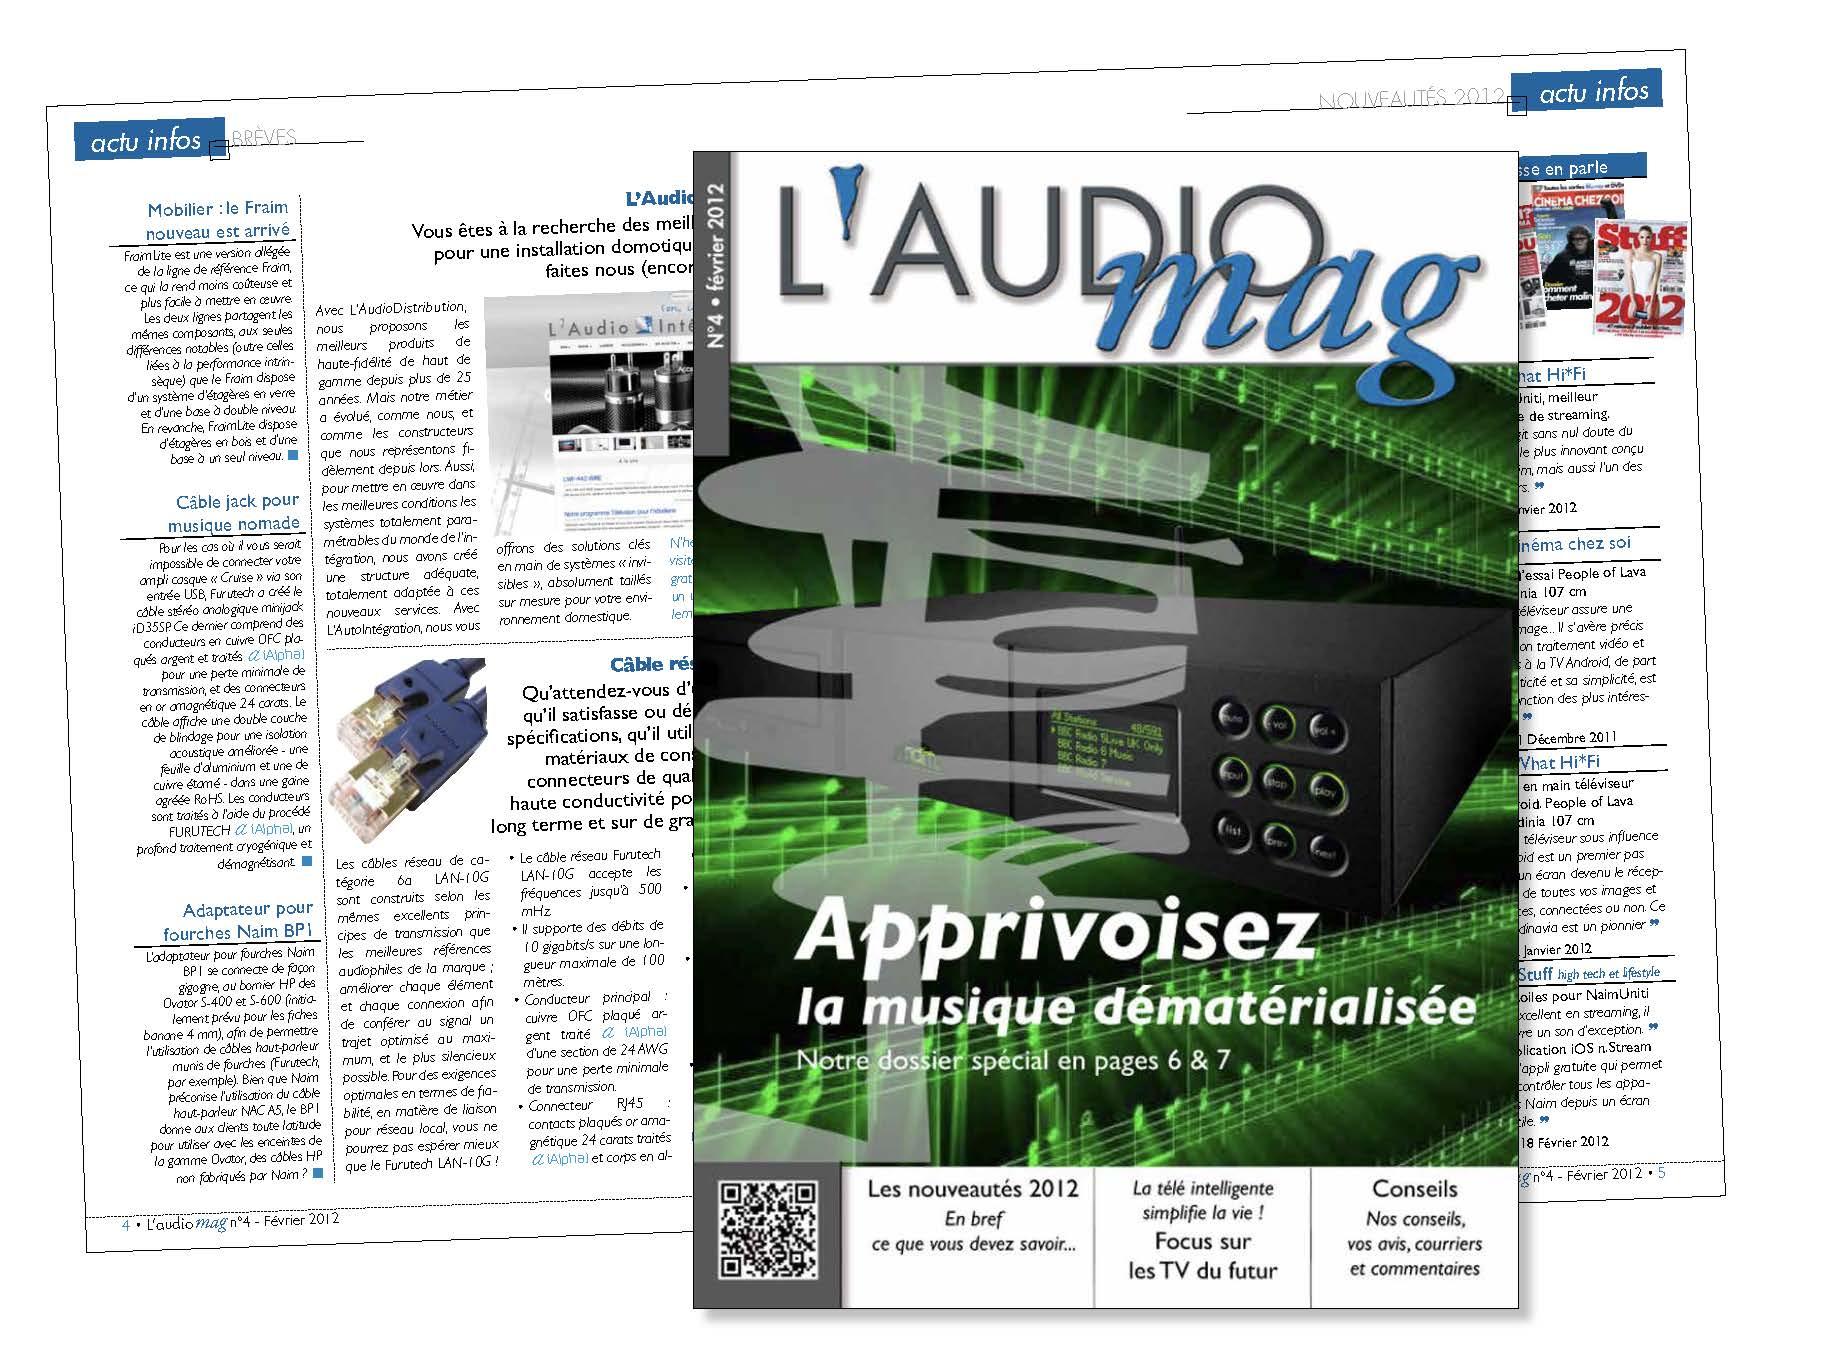 Magazine Lettres_Laudiomag